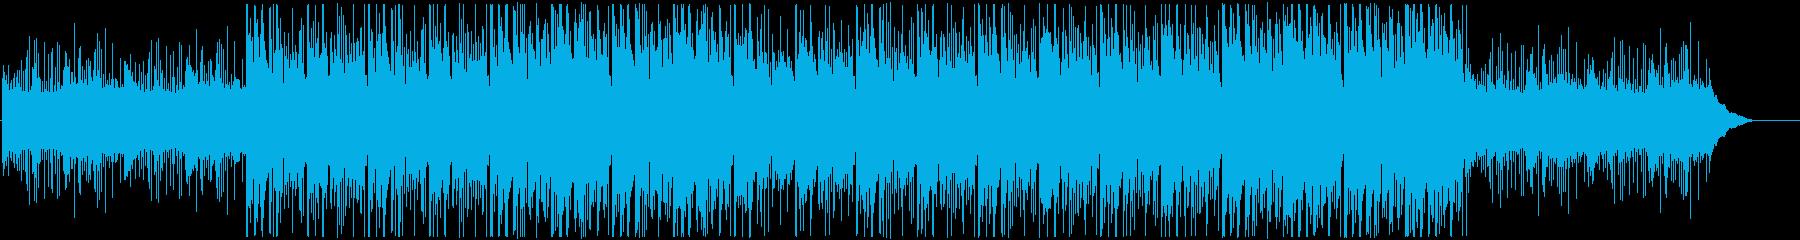 ダークな感じの太鼓メインのインストです。の再生済みの波形